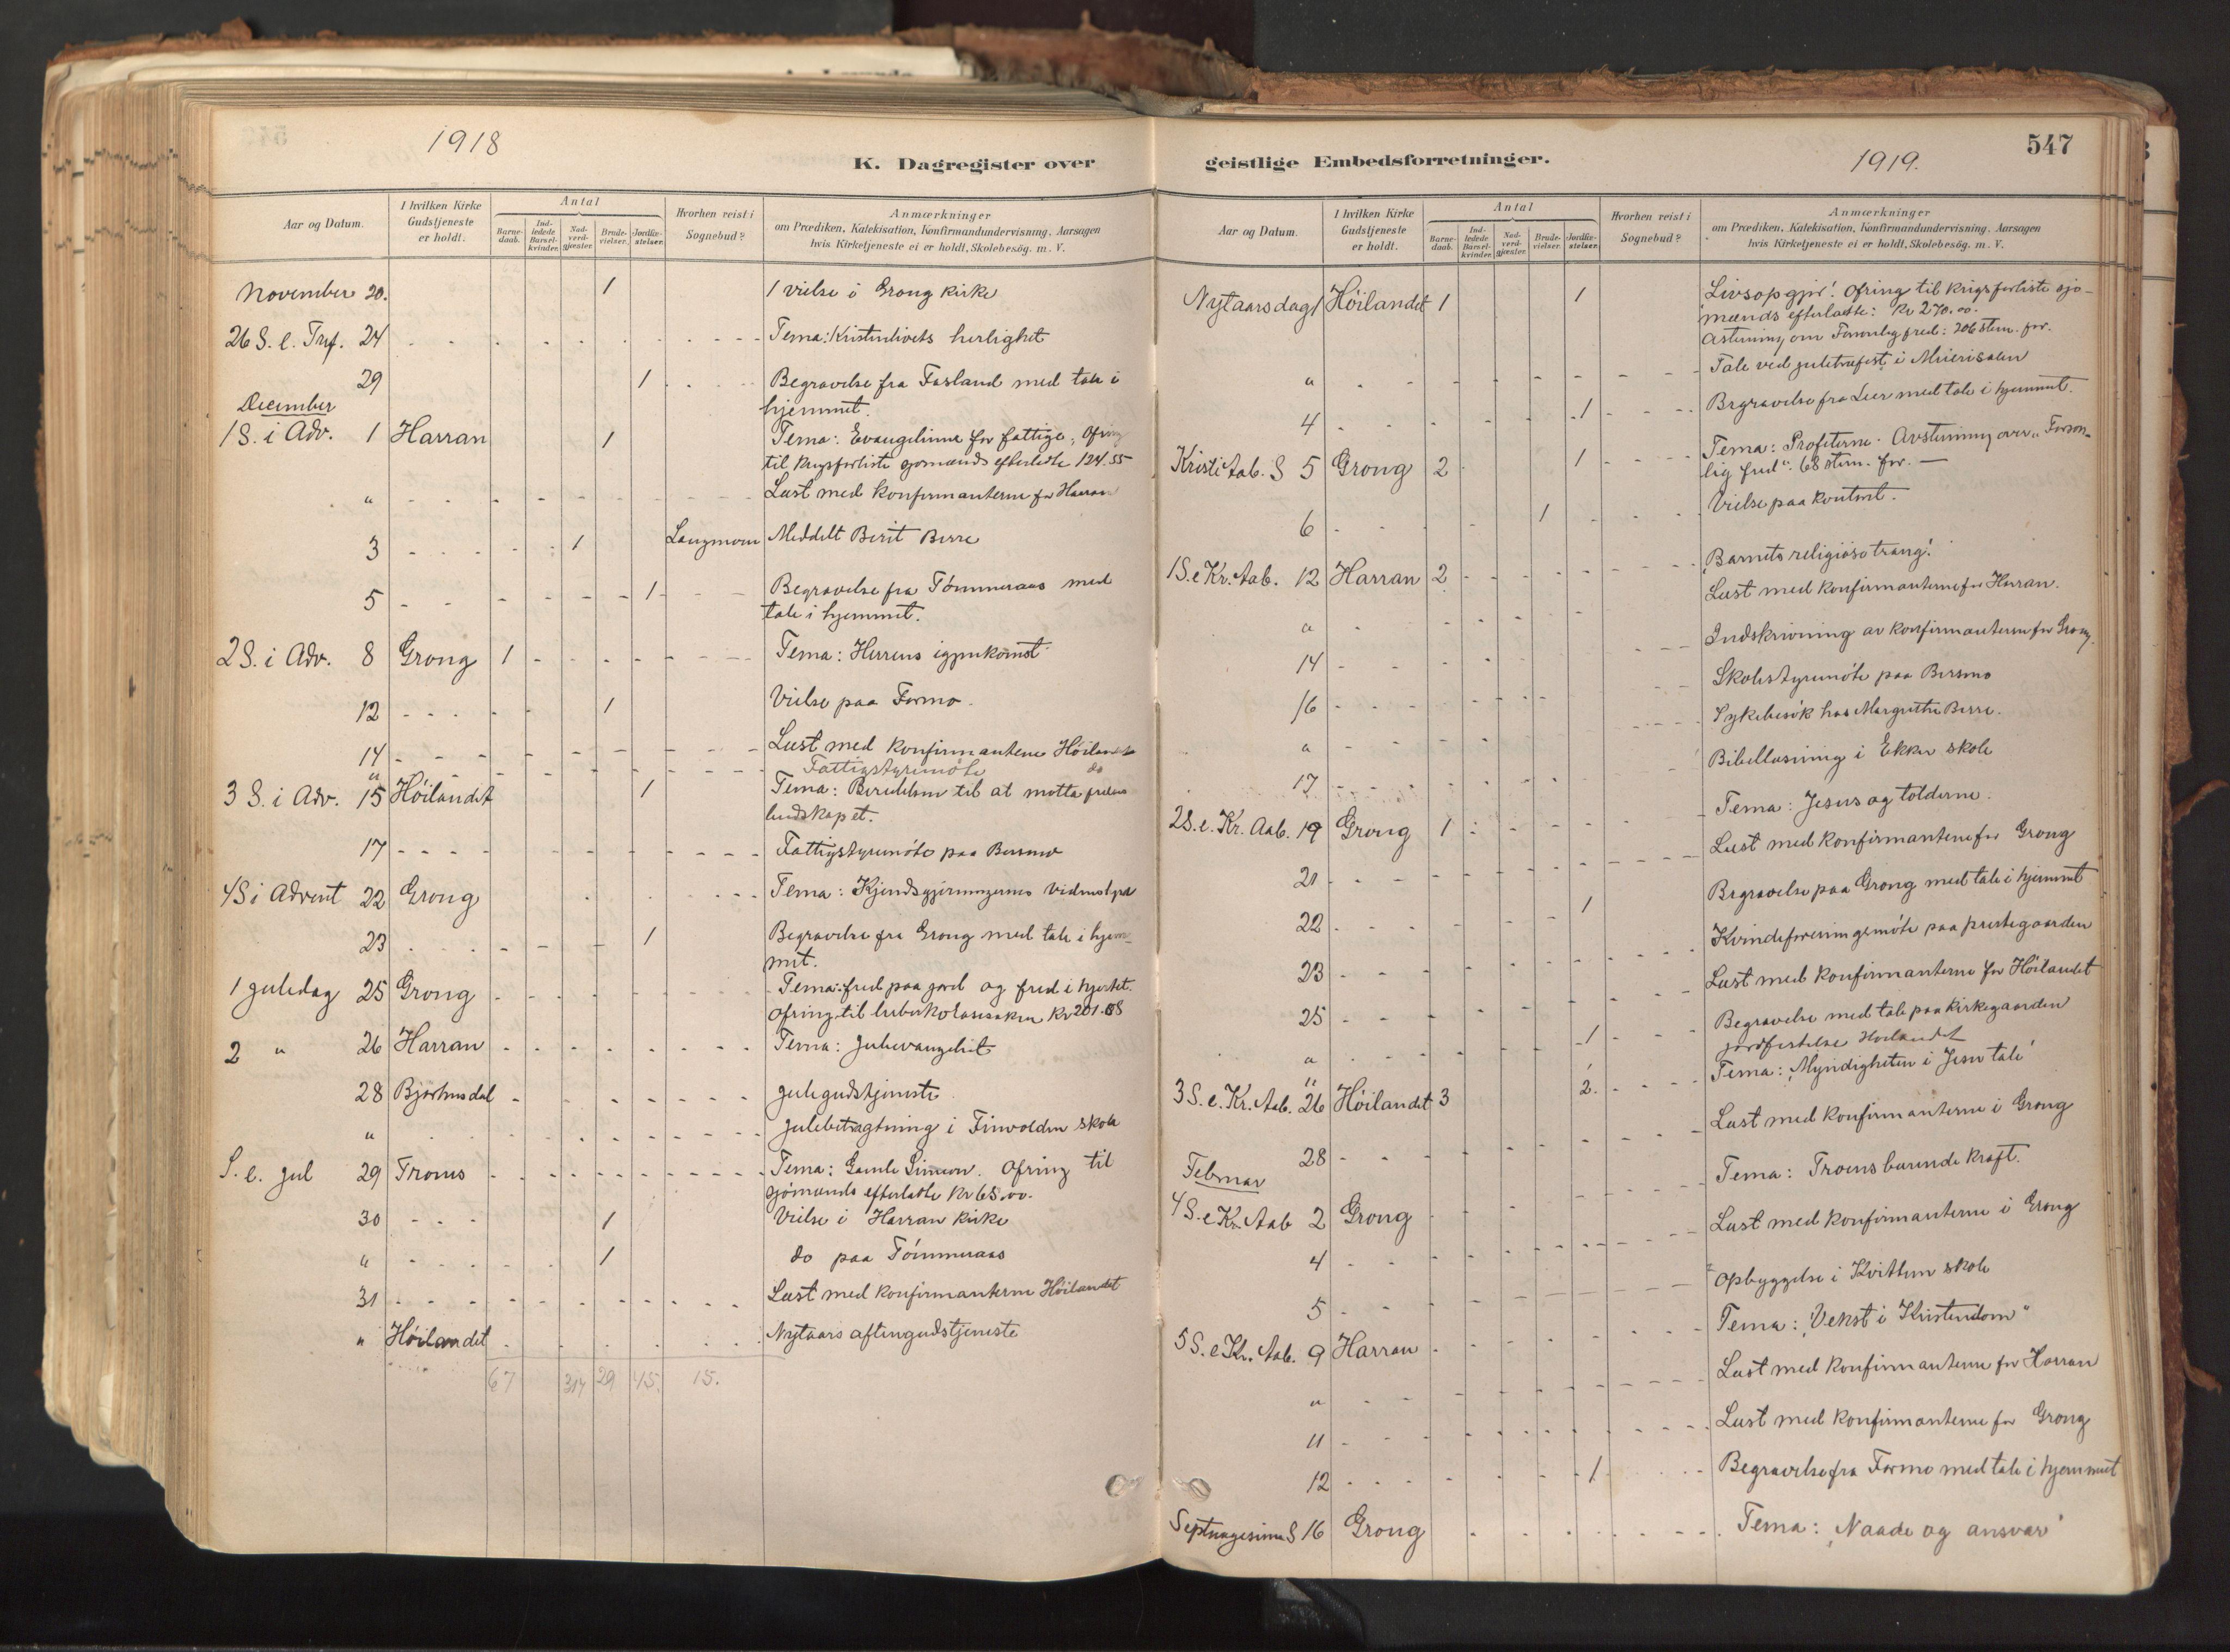 SAT, Ministerialprotokoller, klokkerbøker og fødselsregistre - Nord-Trøndelag, 758/L0519: Ministerialbok nr. 758A04, 1880-1926, s. 547